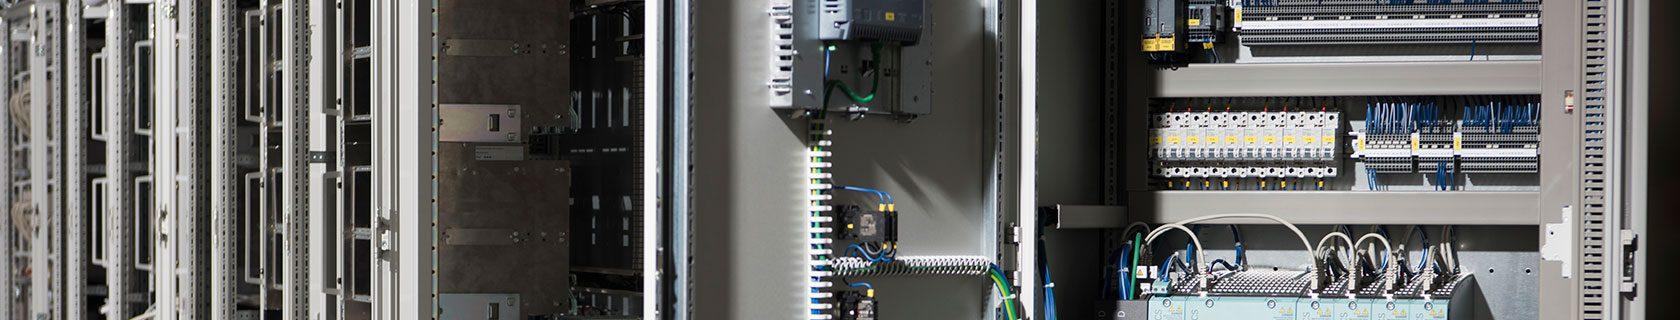 Wir suchen Mitarbeiter im Schaltschrankbau – Weigert Elektronik